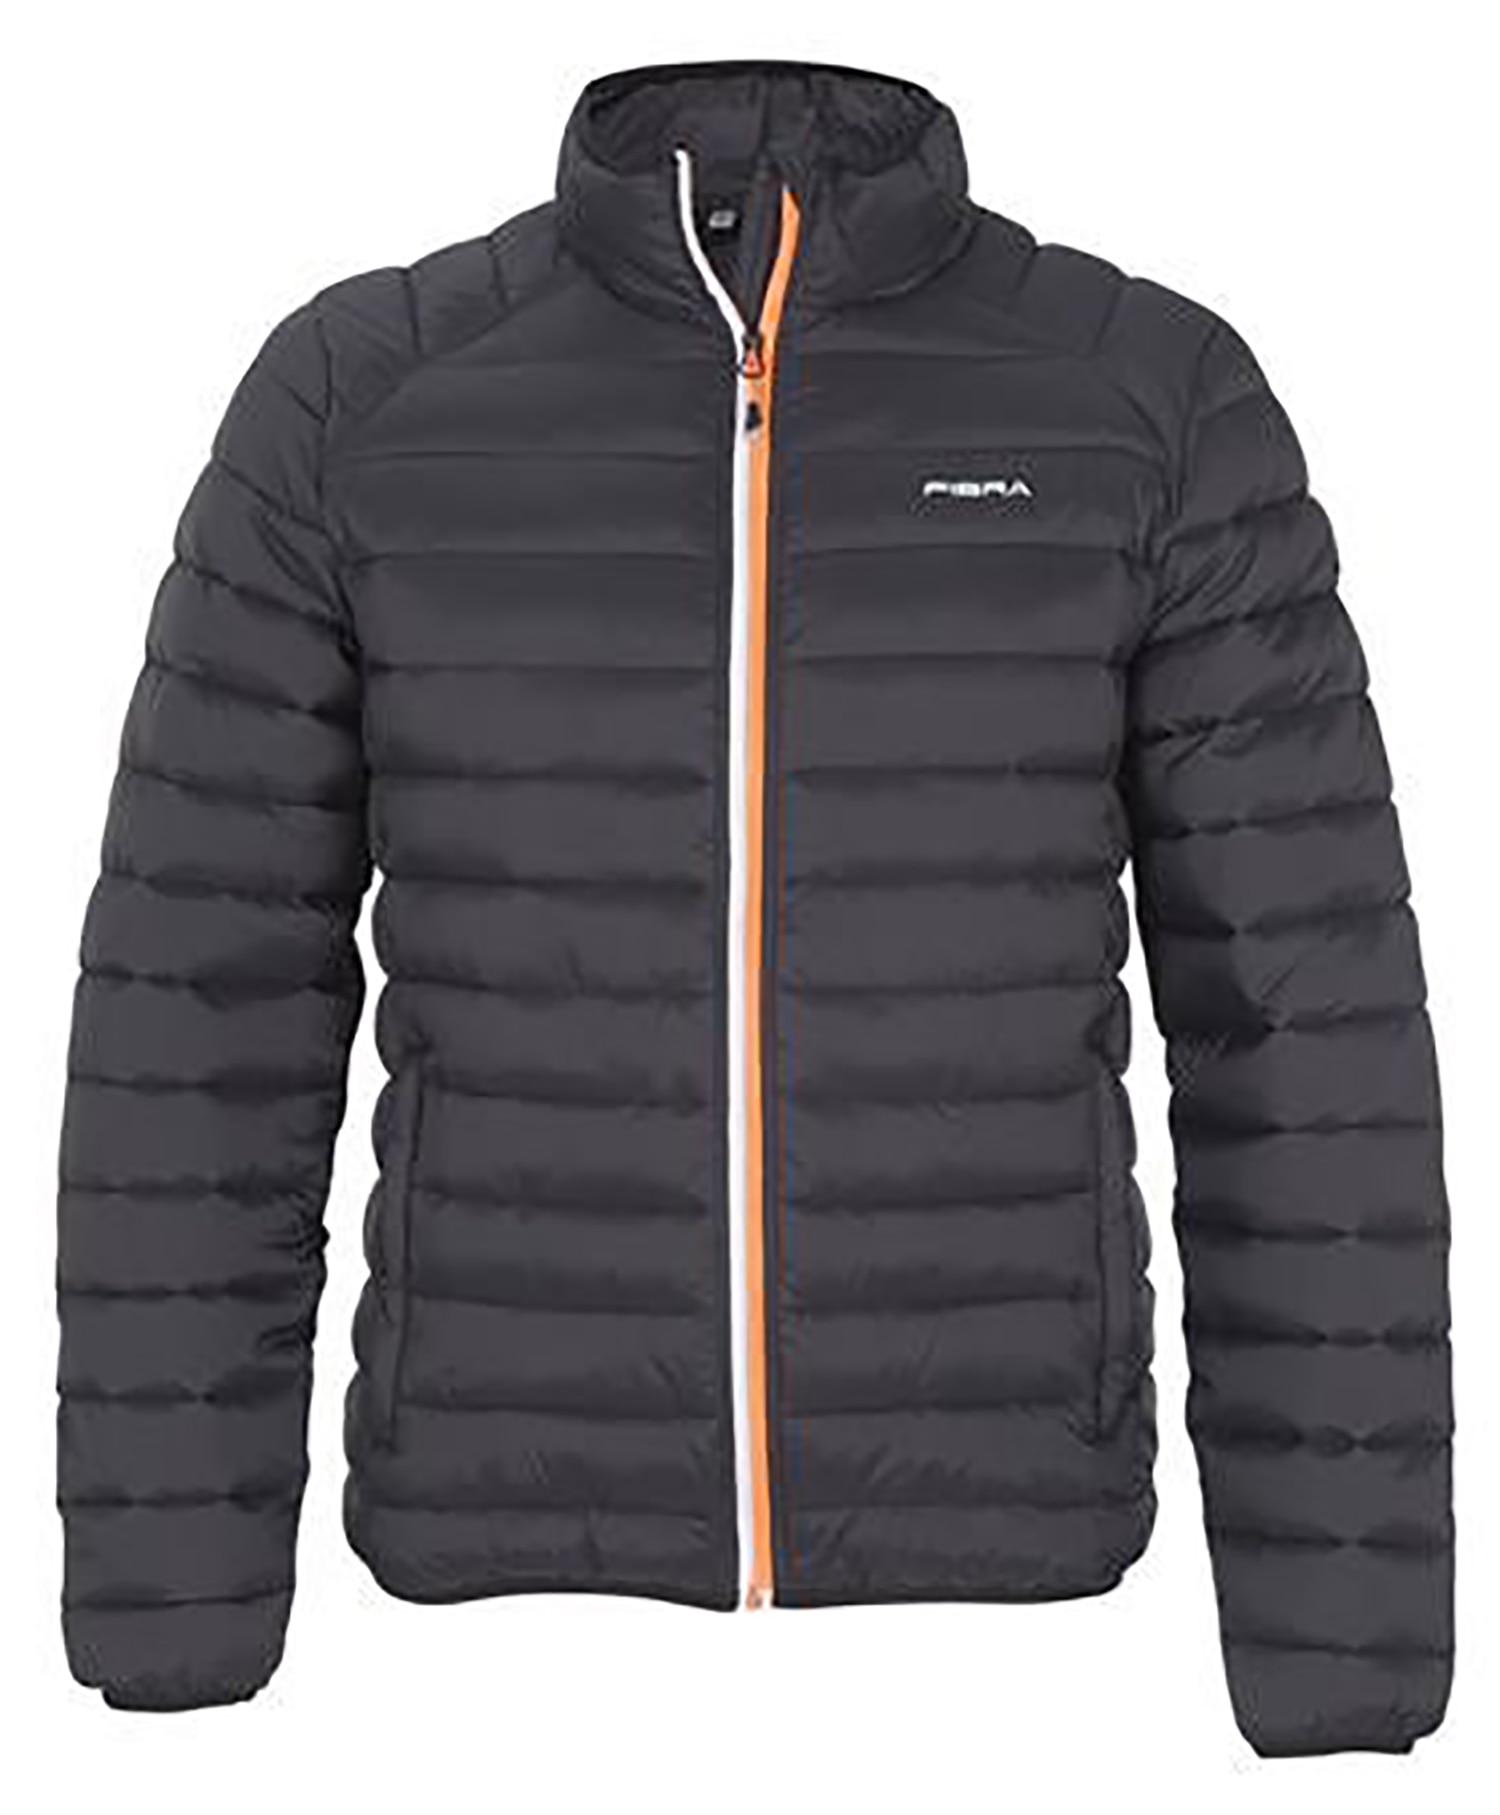 Fibra Xtrm Jacket H